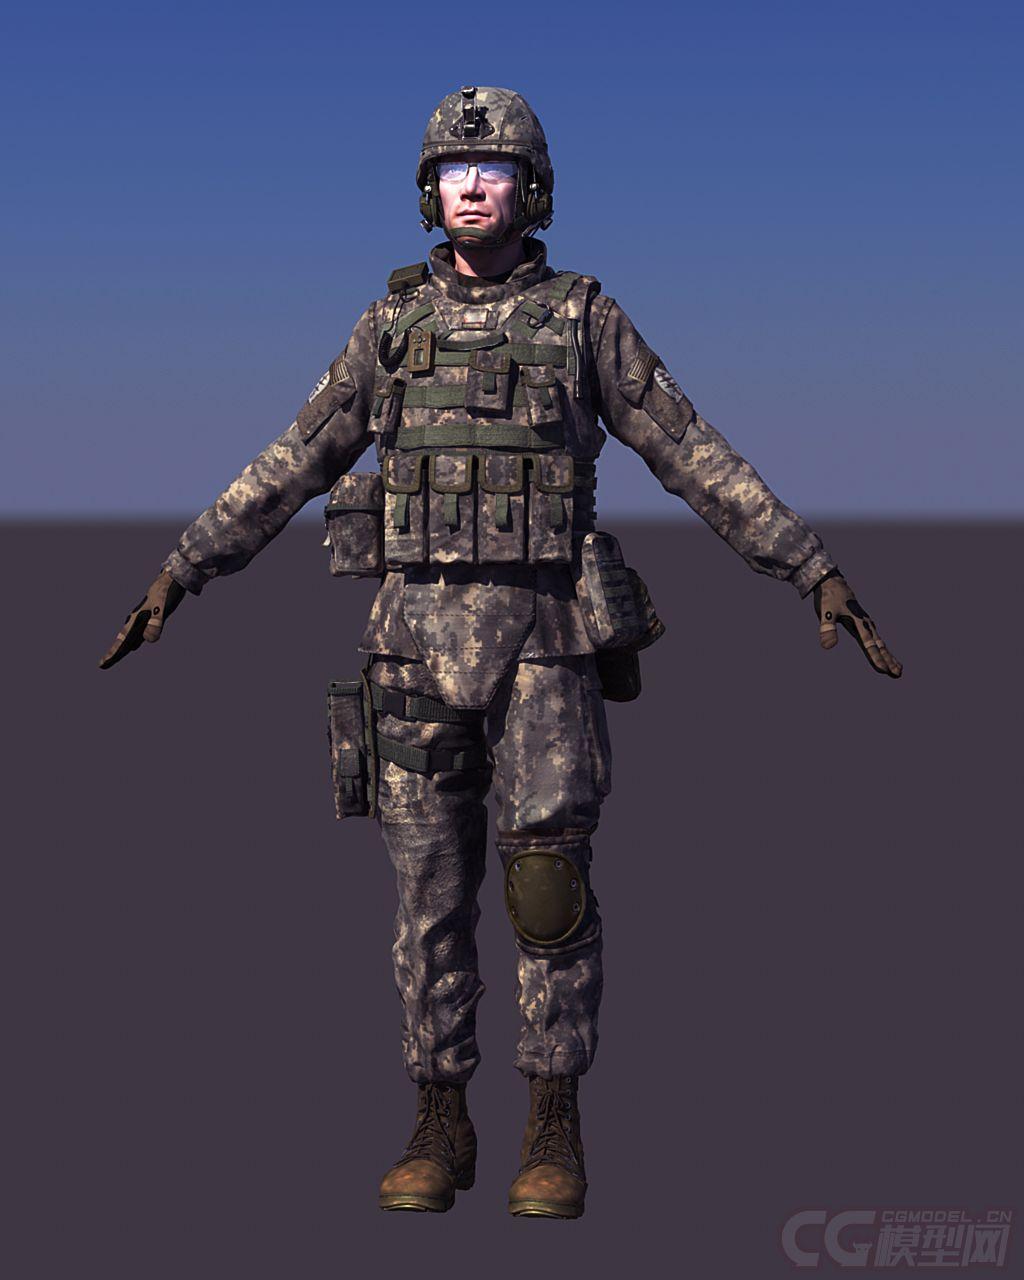 兵人模型吧_人士兵军人模型塑料小